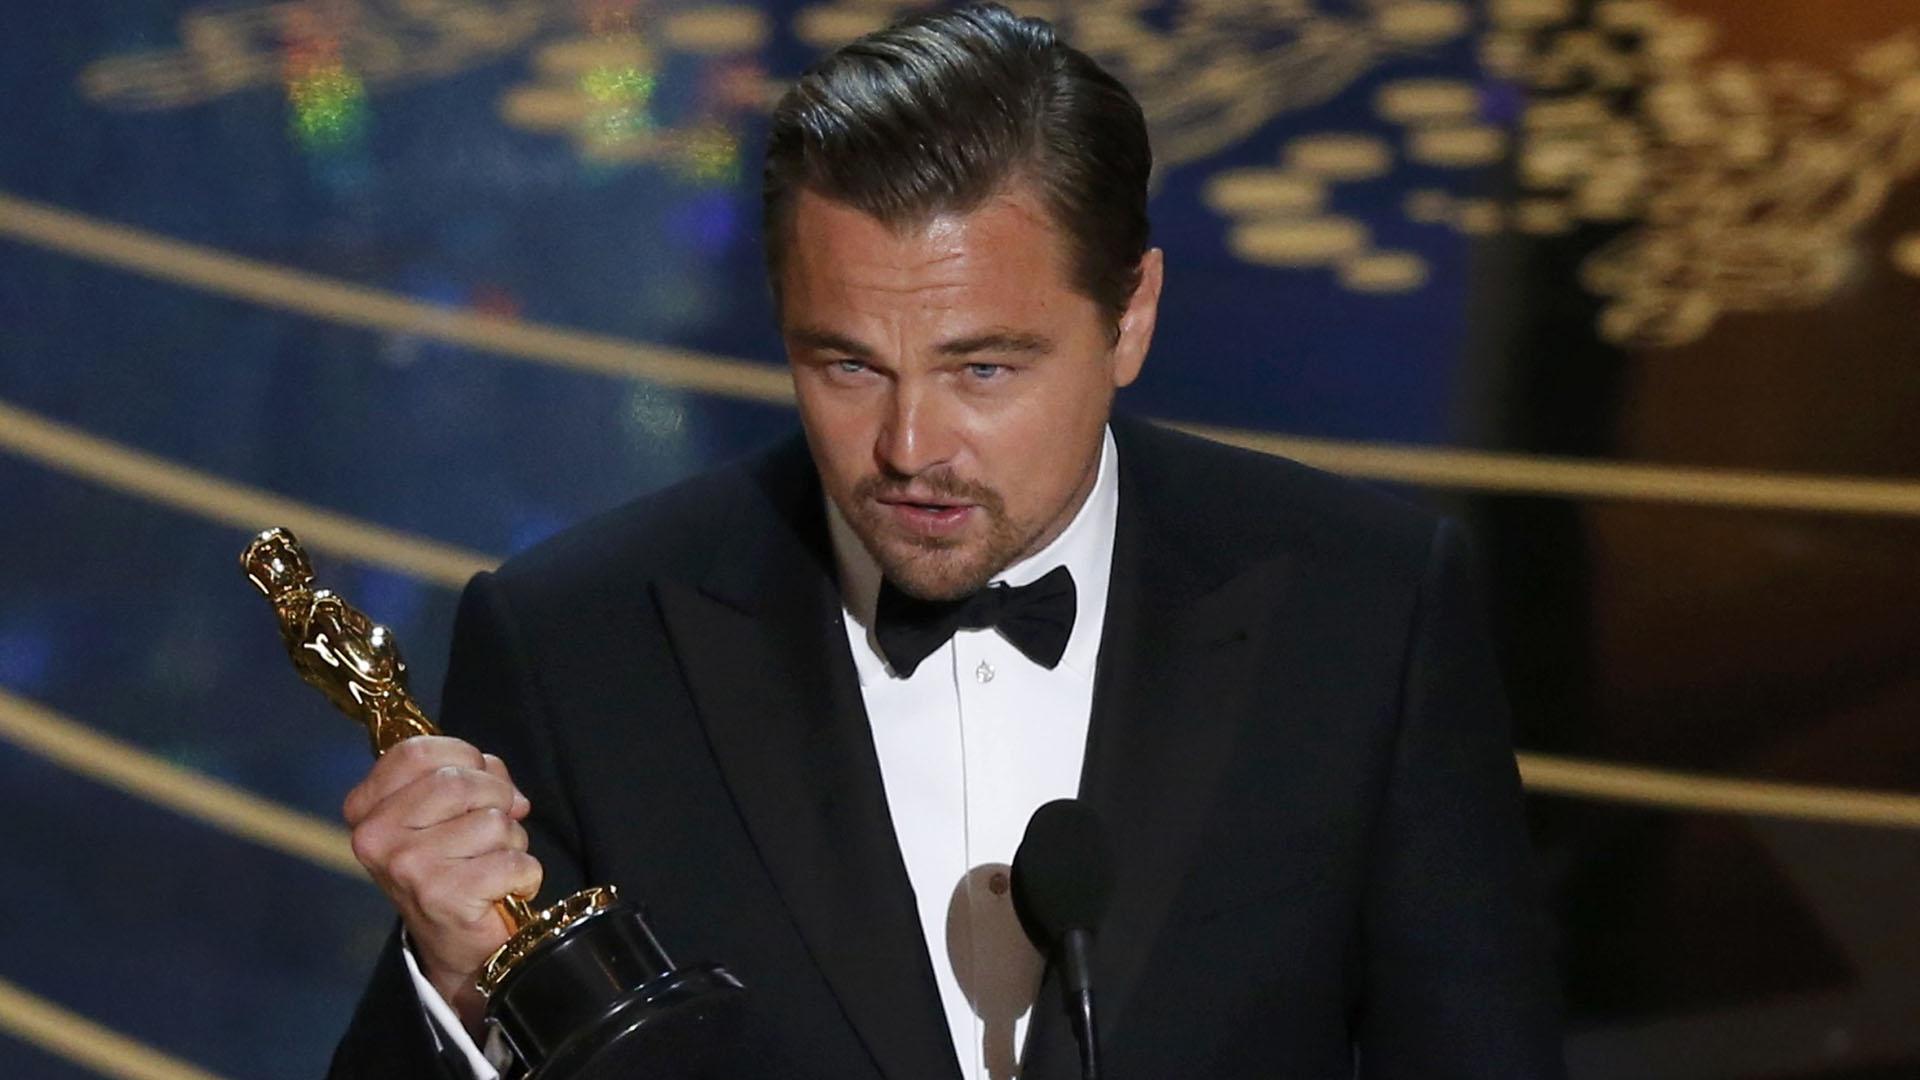 Y a la quinta fue la vencida. Leonardo DiCaprio ganó en 2016 su ansiado Oscar como mejor actor gracias a su interpretación de Hugh Glass bajo la dirección del mexicano Alejandro G. Iñárritu. En un discurso, aprovechó para decir una palabras concientizadoras sobre el cambio climático